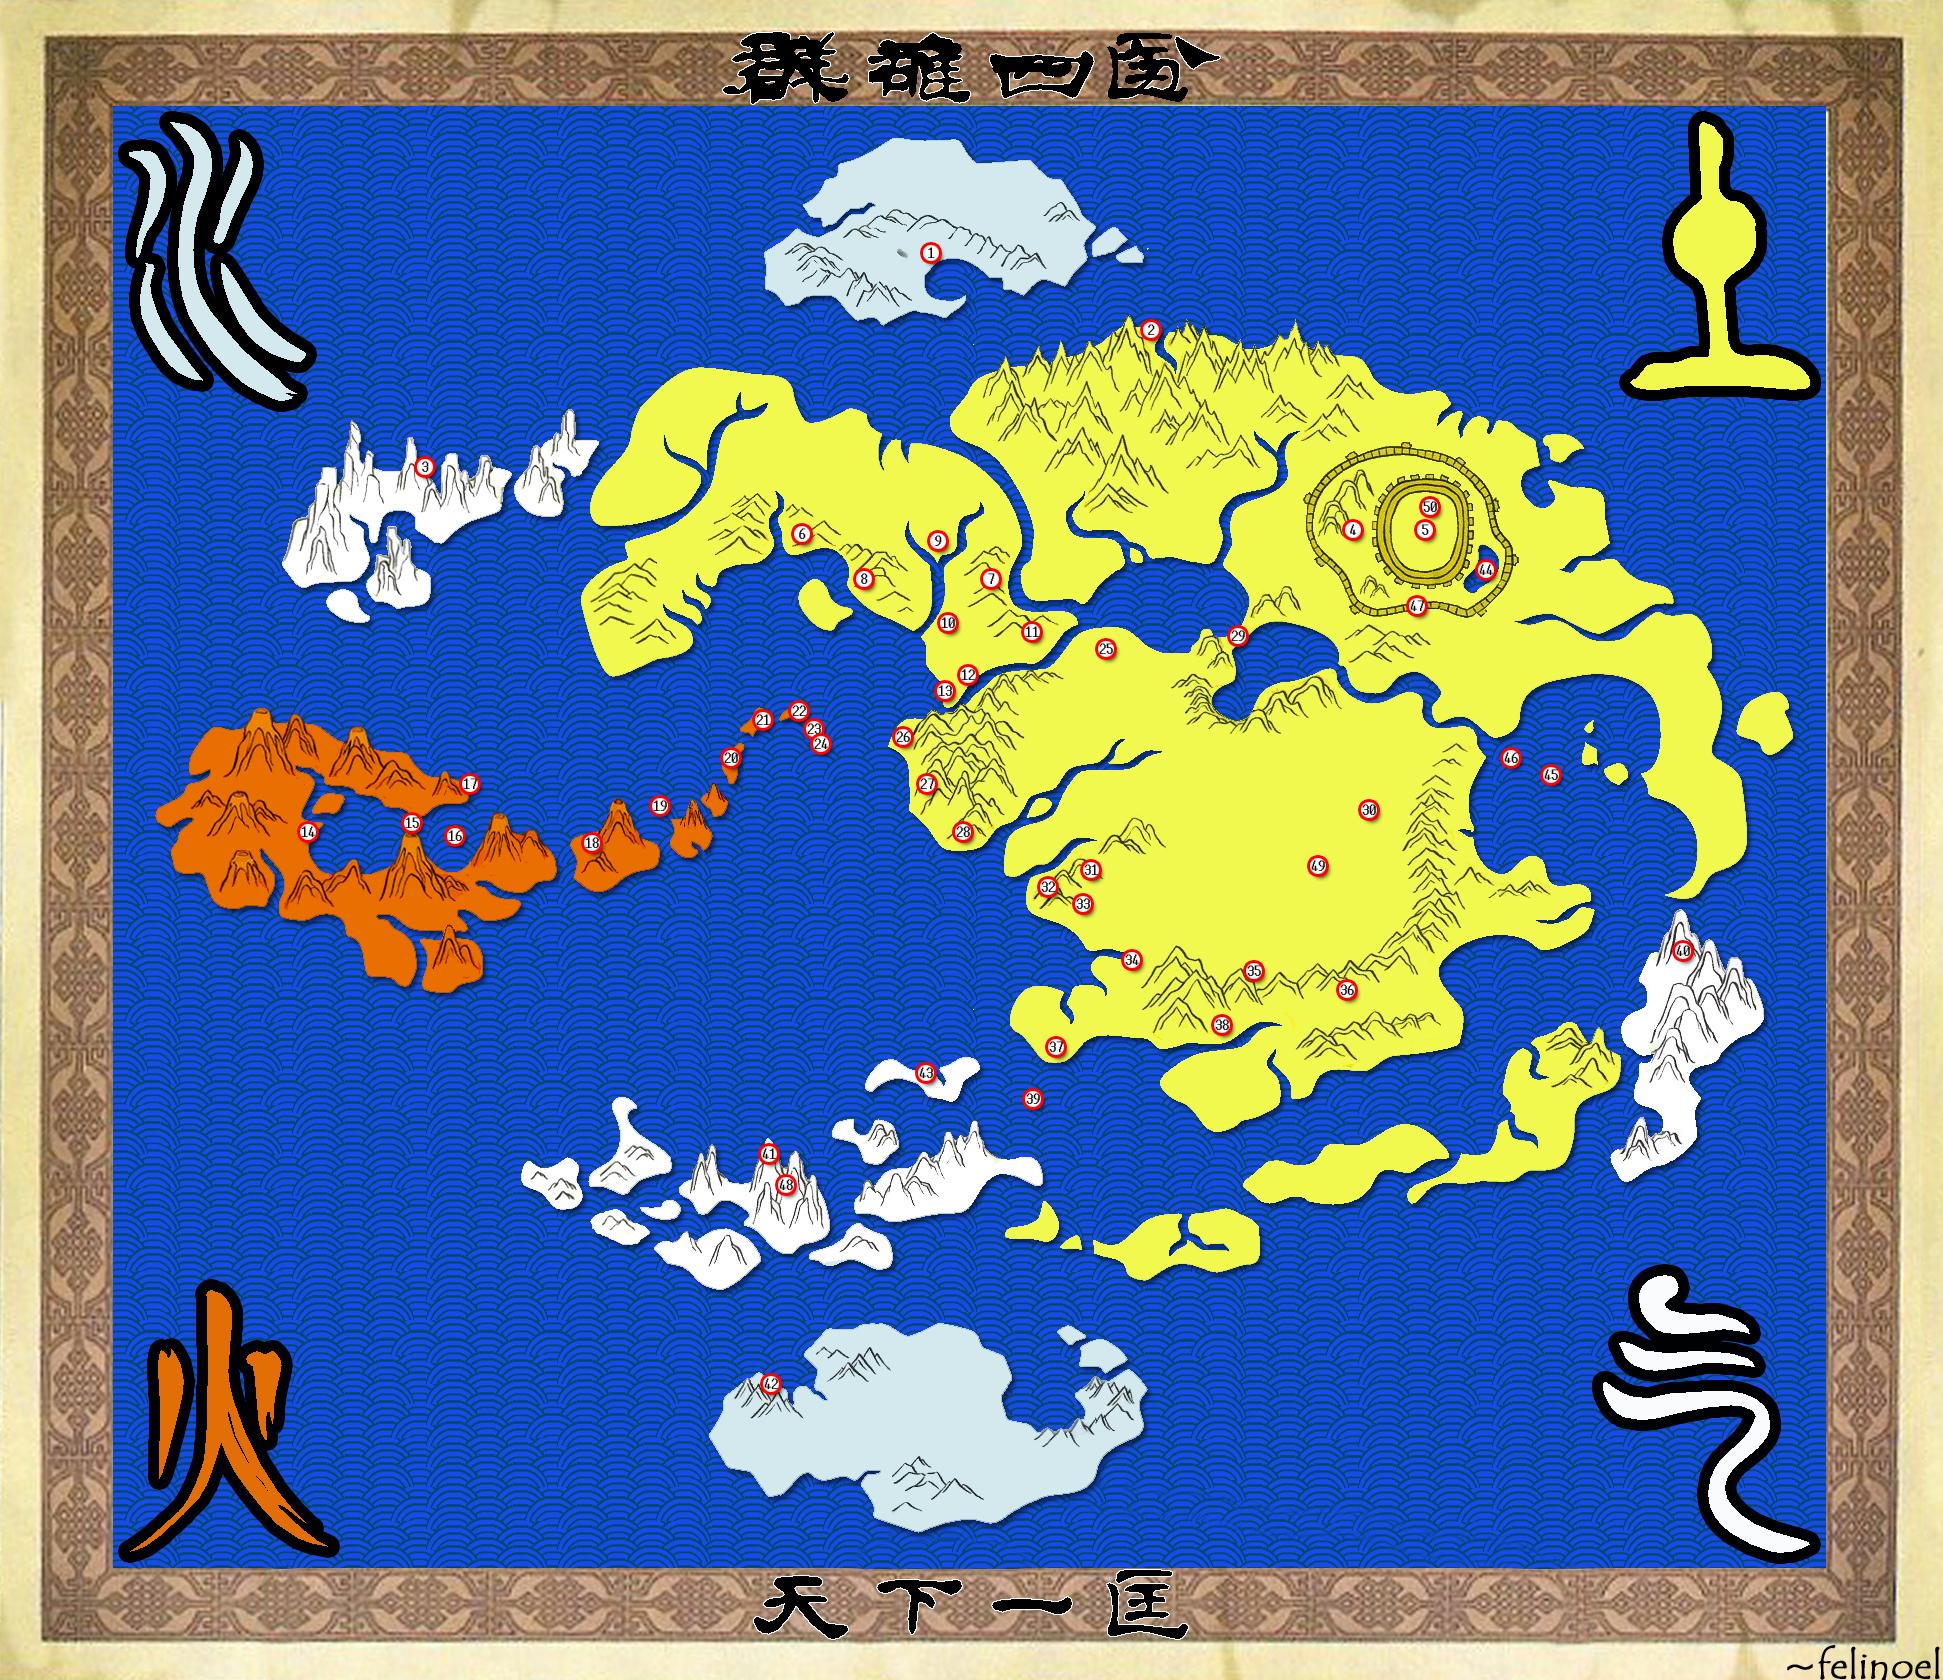 Będziemy robić to, co zawsze. Próbować dostać władzę nad światem - Gra Ajera - Page 3 20080712073744!Map_of_the_Avatar_World